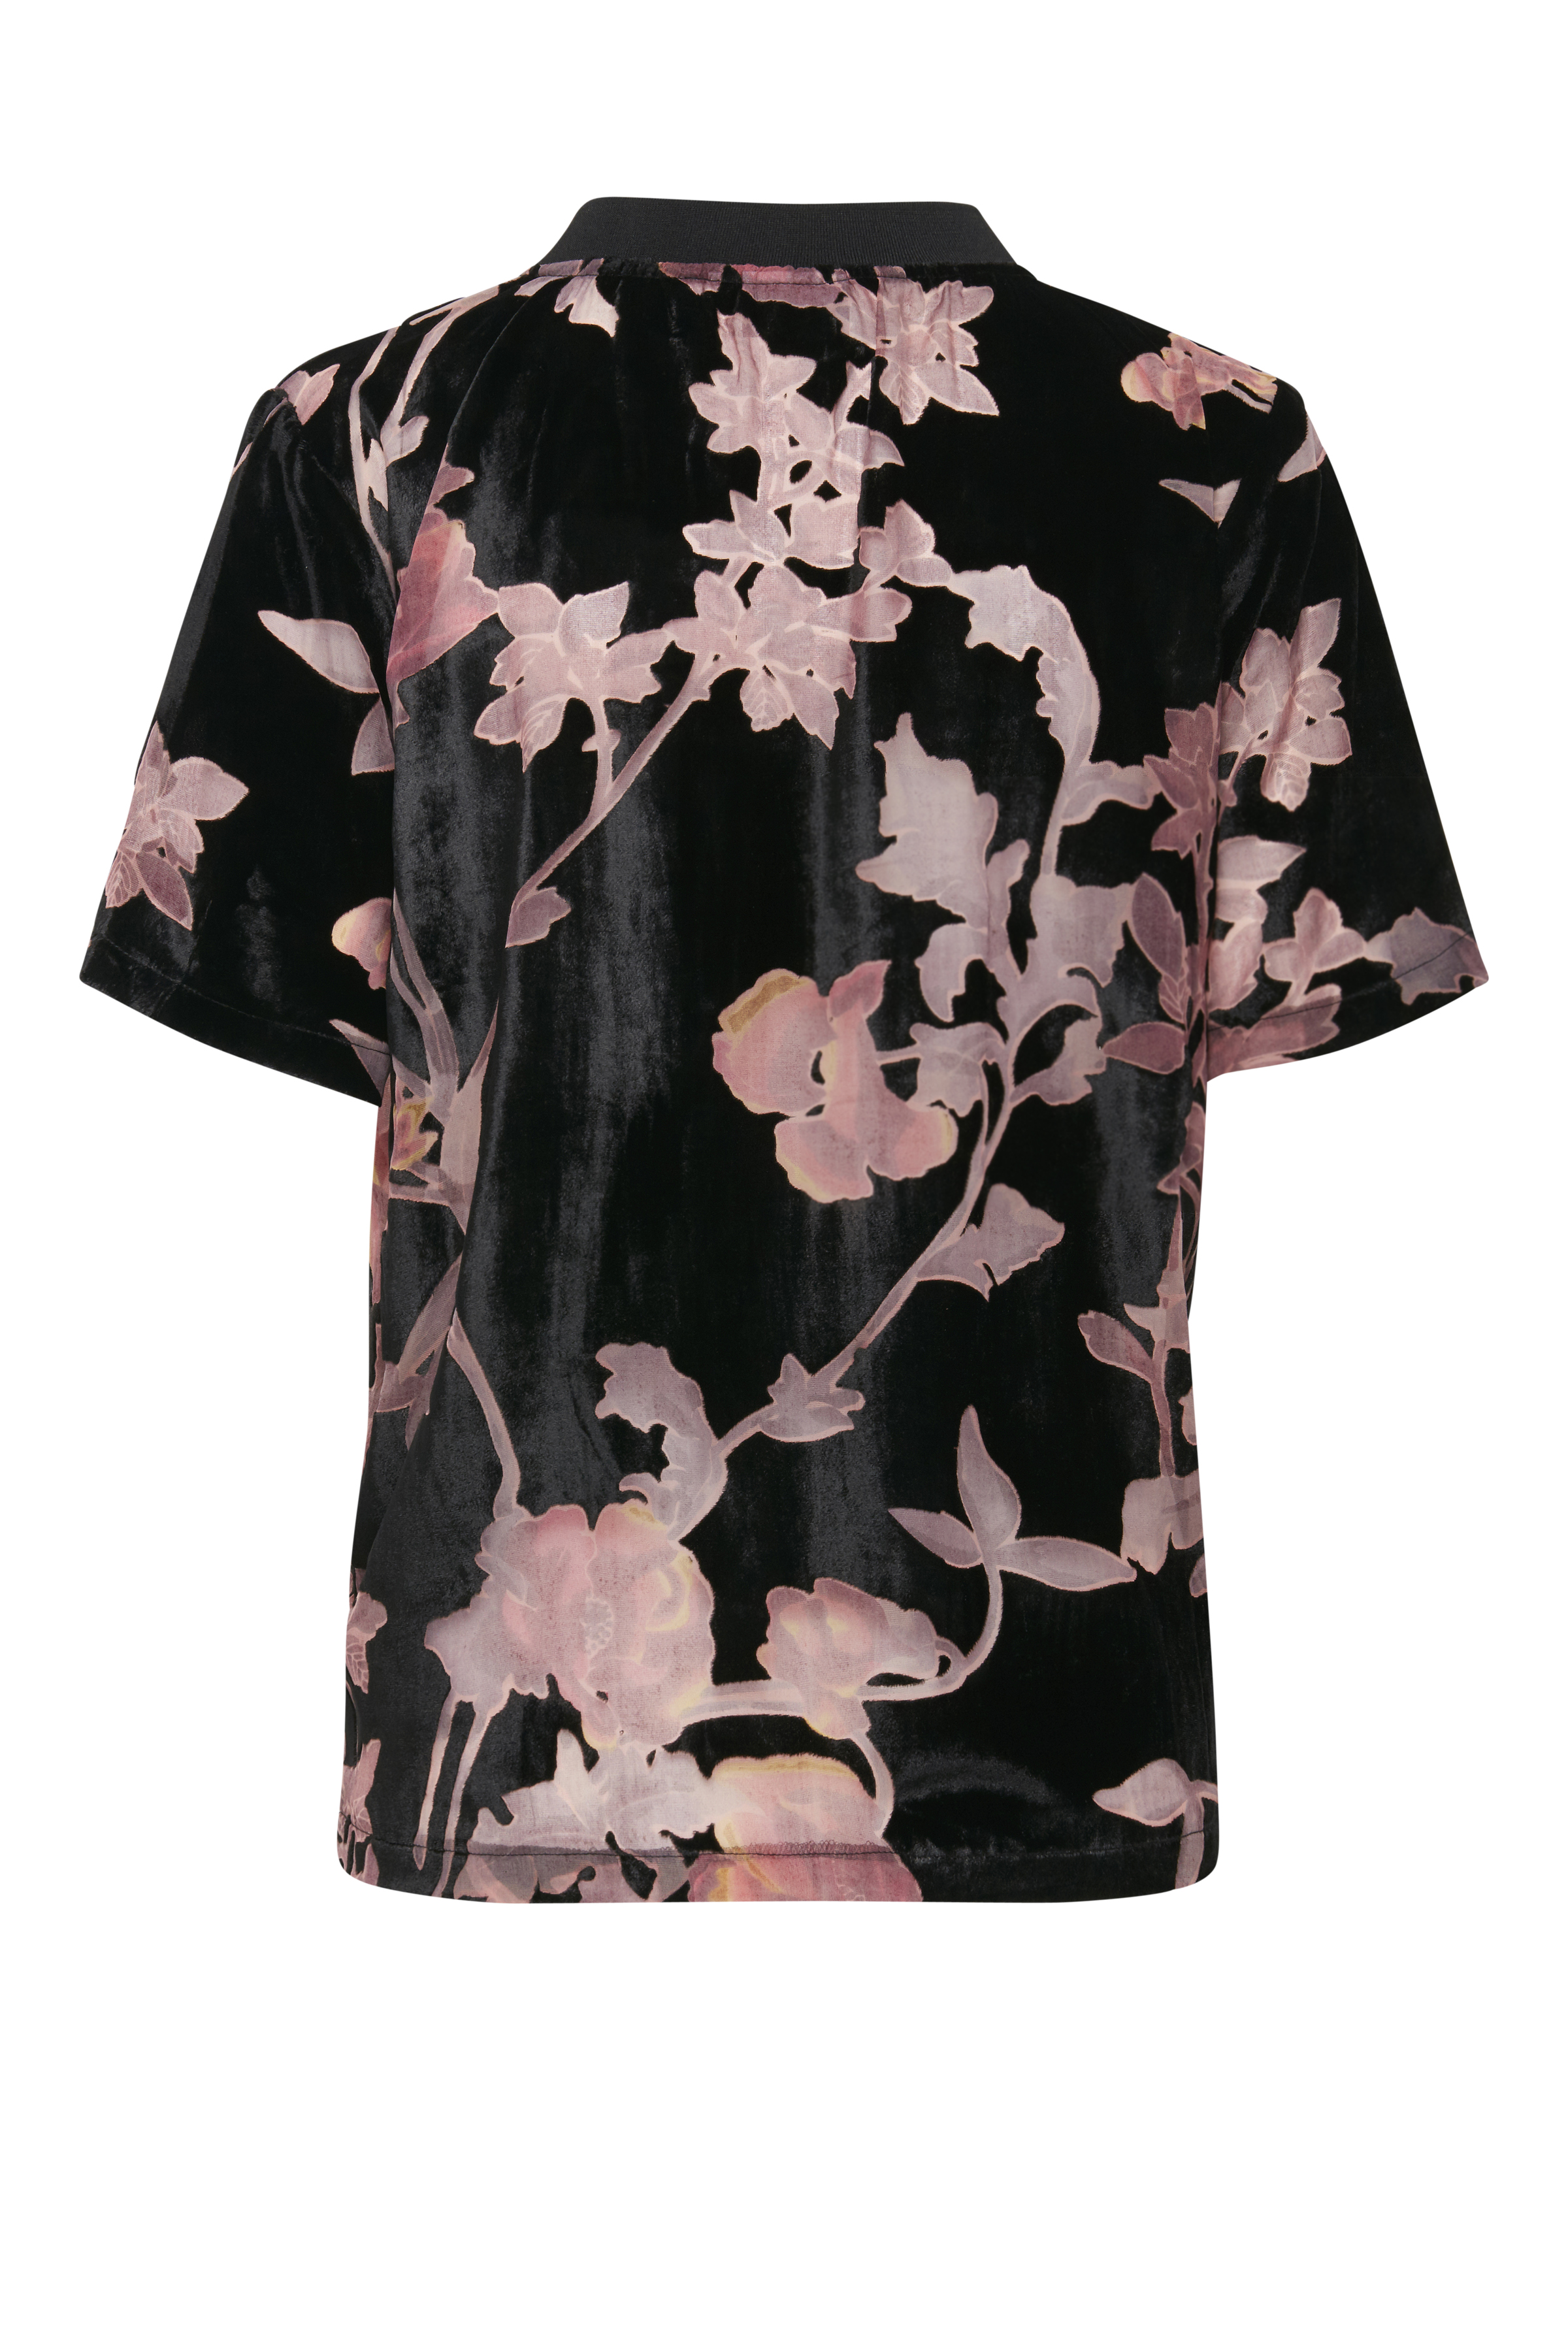 Sort/rosa Kortærmet bluse  fra b.young – Køb Sort/rosa Kortærmet bluse  fra str. 34-46 her